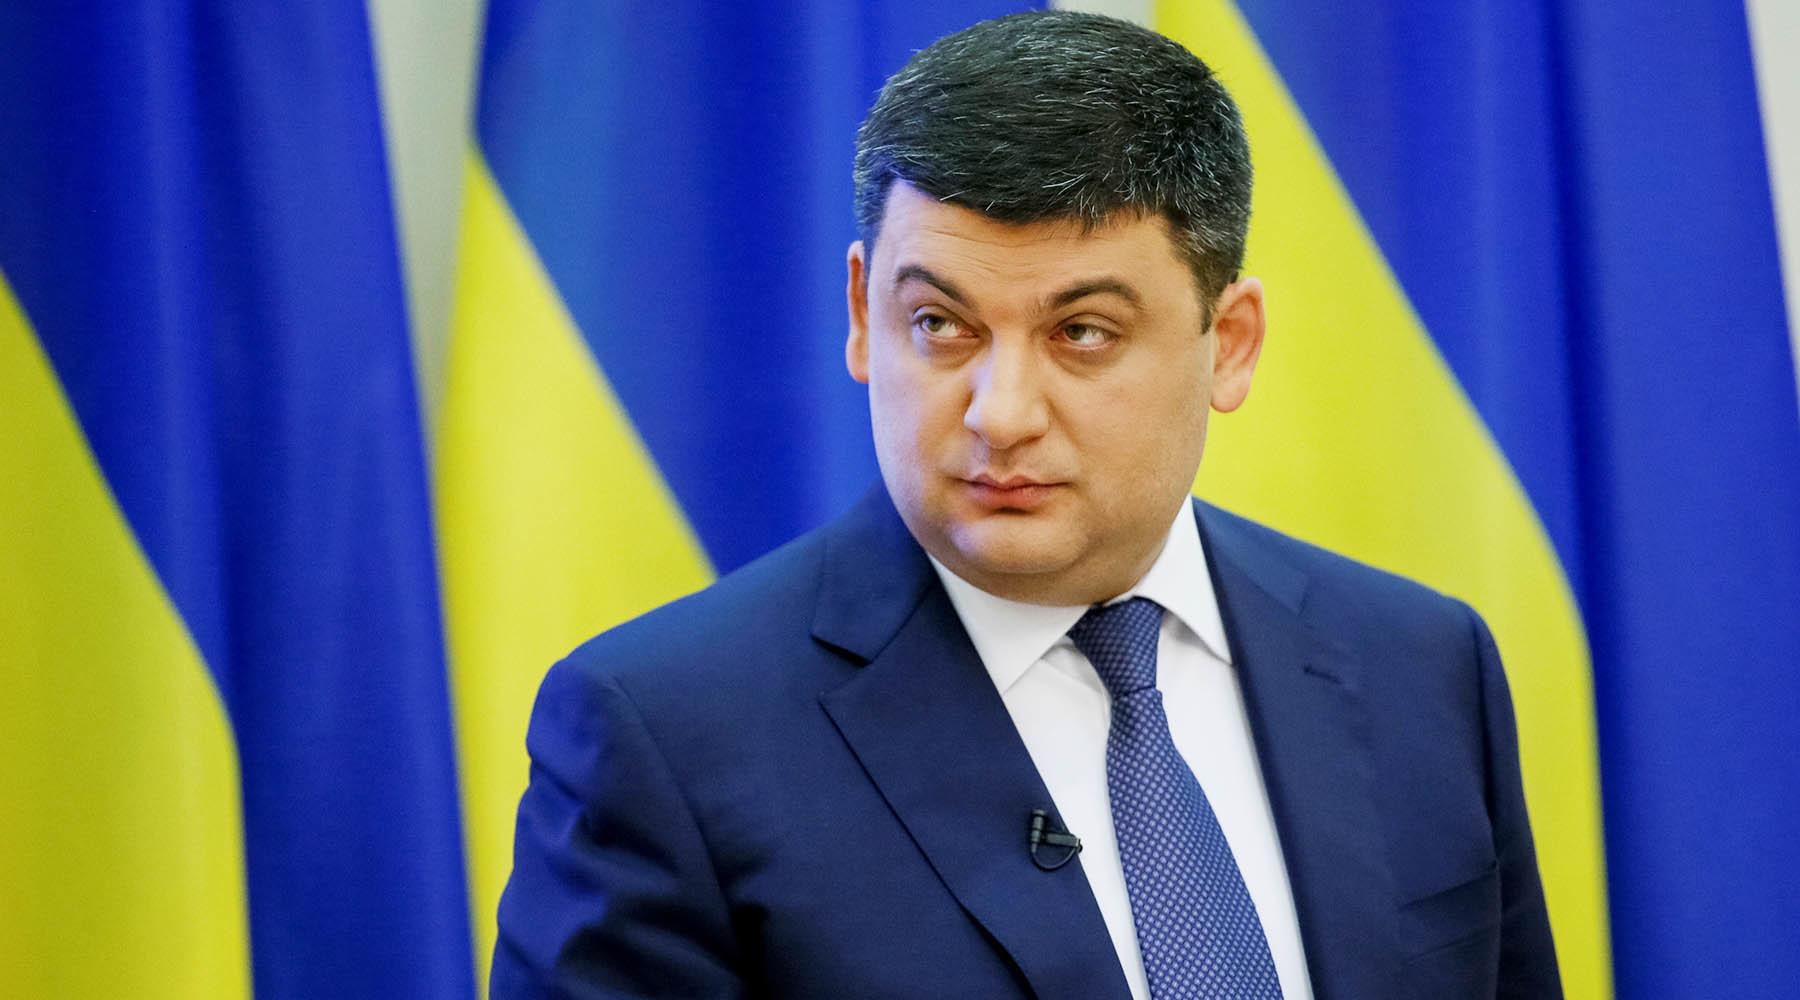 Власти Украины отрицают угрозу в связи с химутечкой в реку. 15831.jpeg